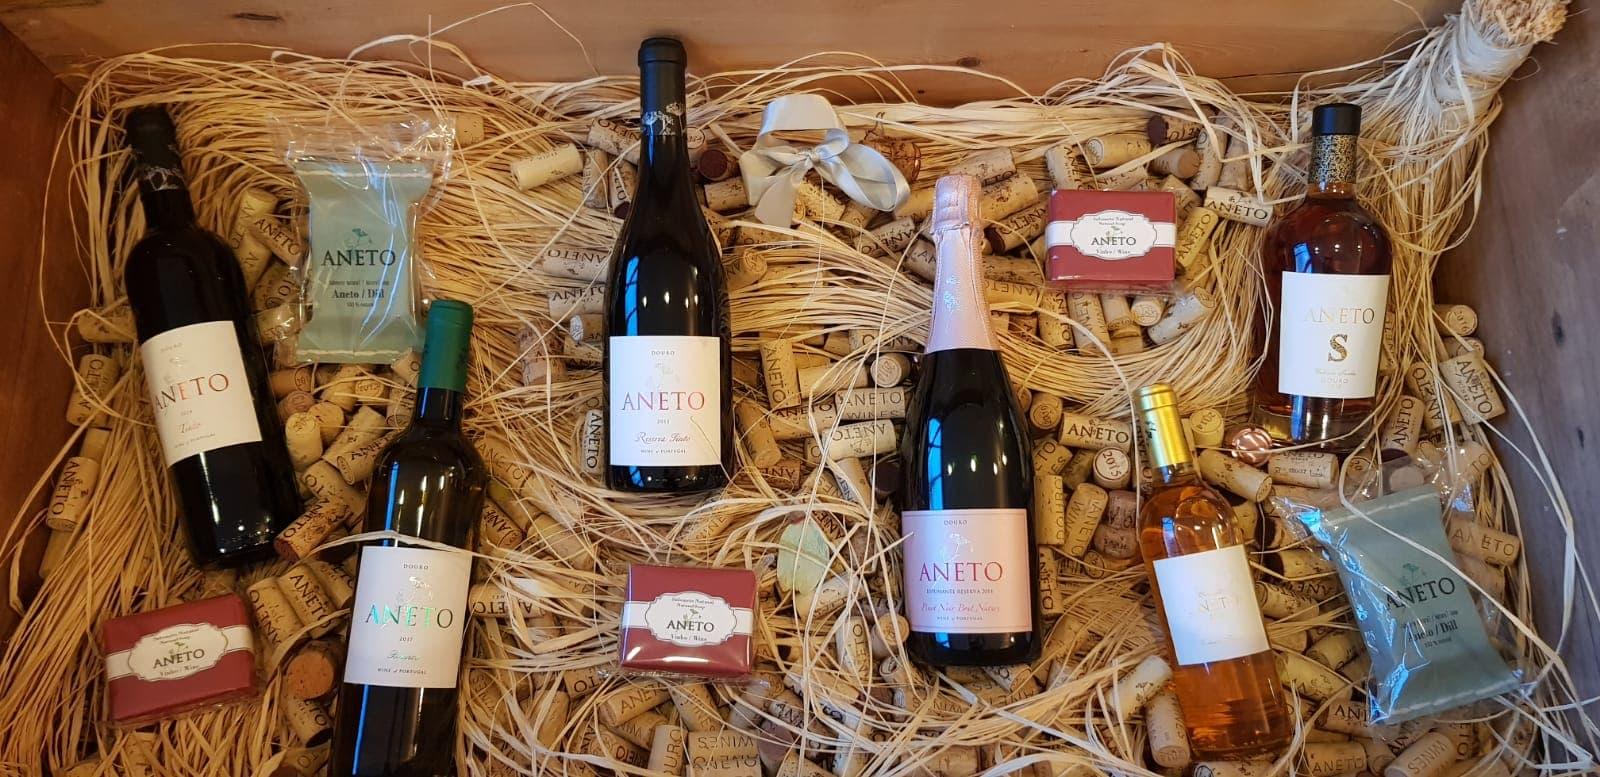 Aneto Wines - Visita & Prova Especial